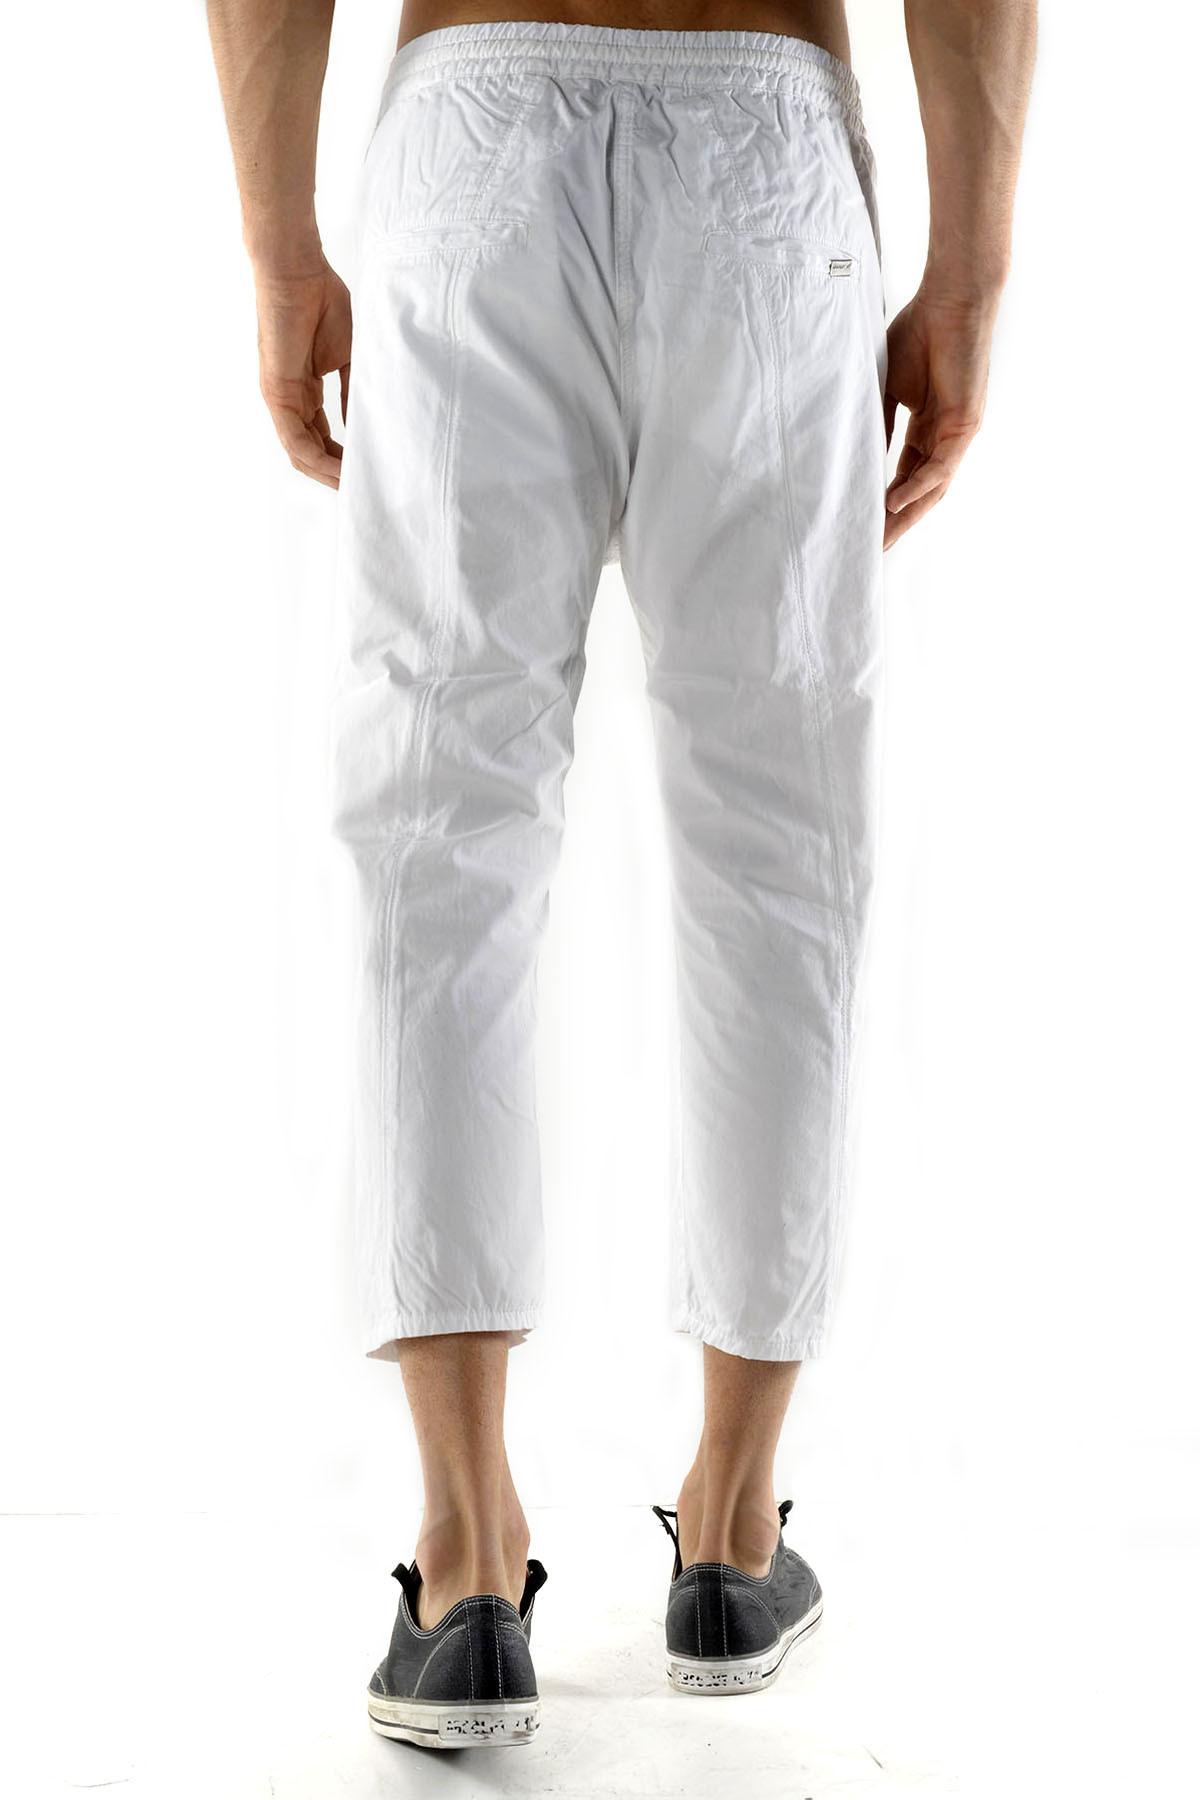 Absolut Joy Hombre Pantalones De Absolut Joy En Pantalones Hombre Guatique